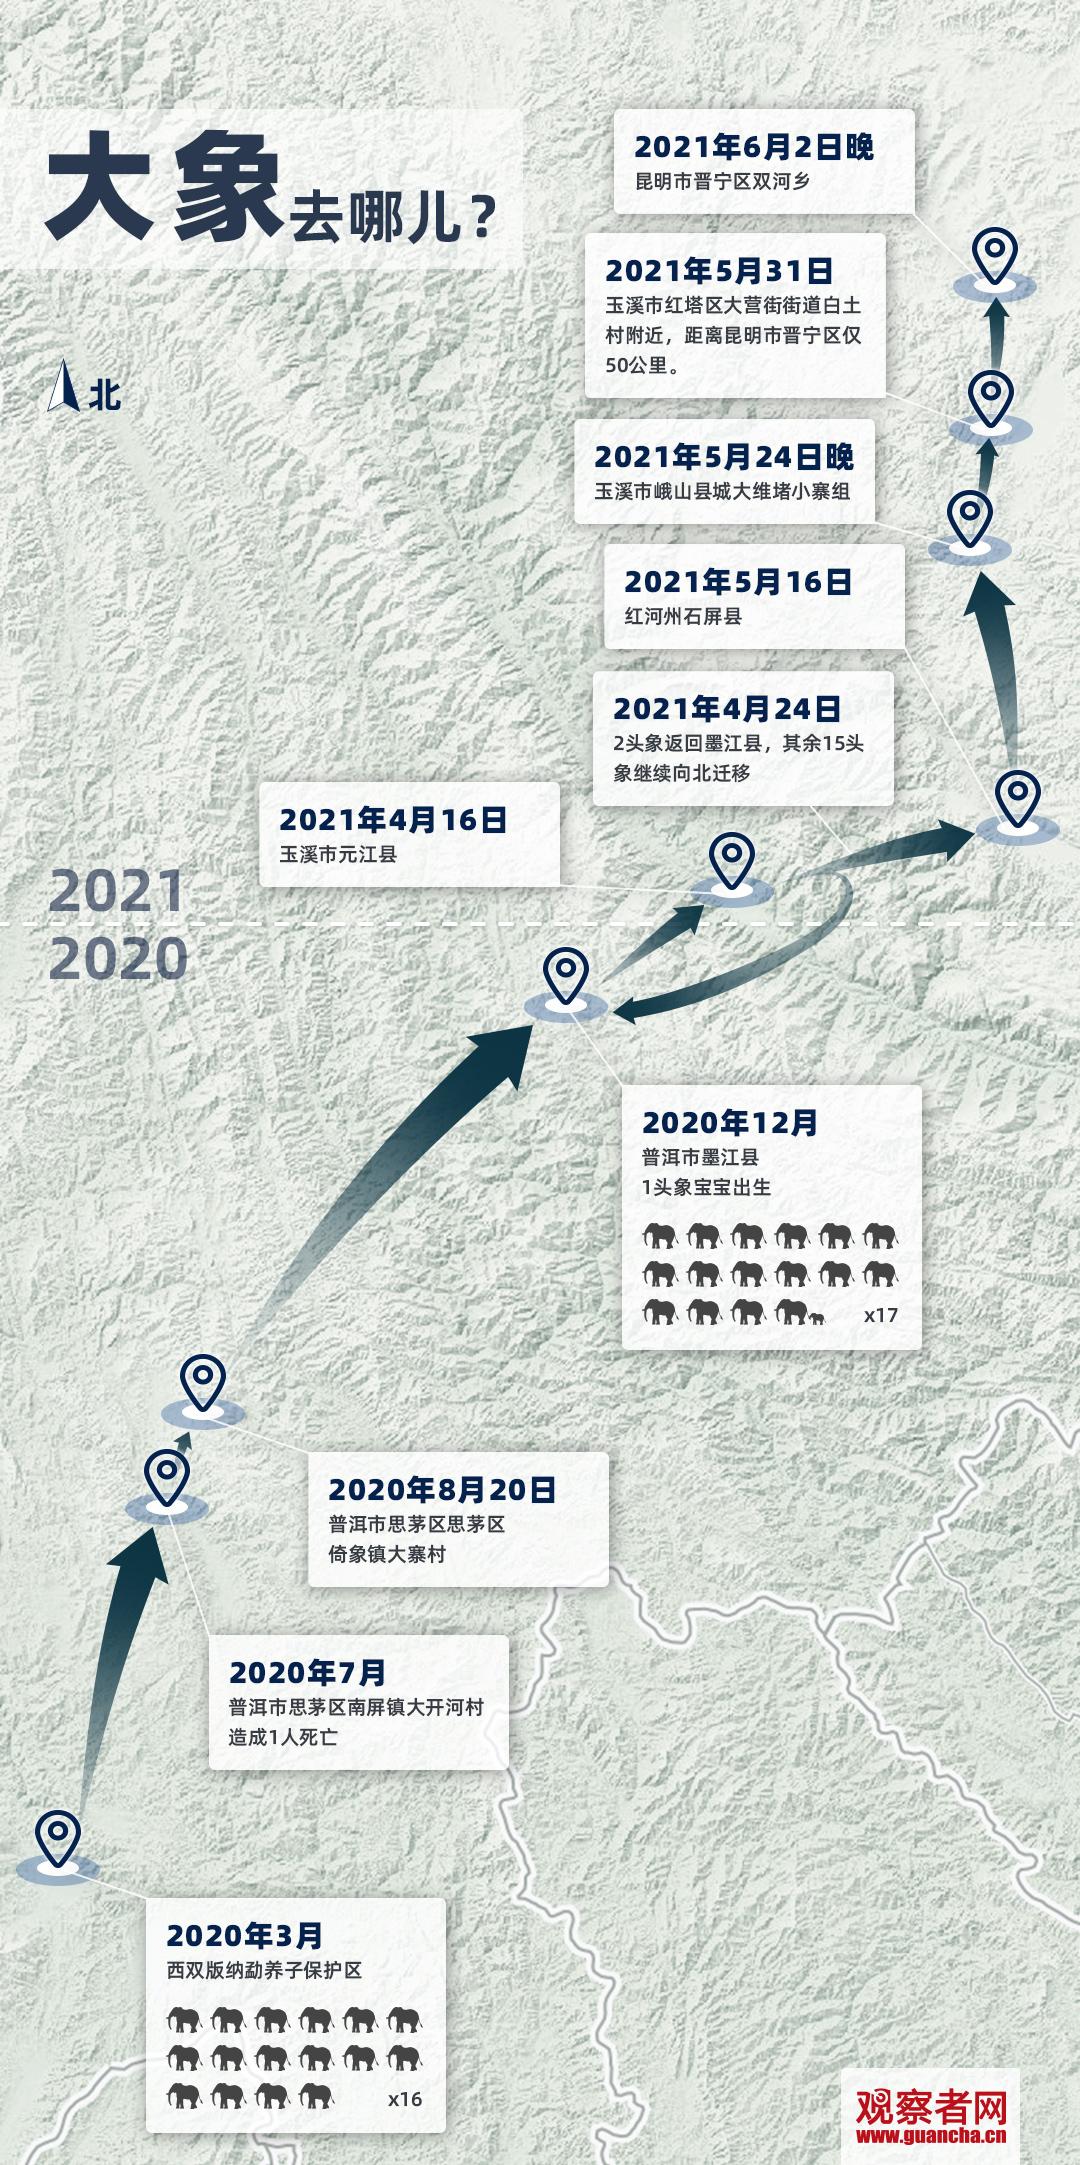 象群迁移最新动态:云南野象北迁路线图 象群北迁路线图